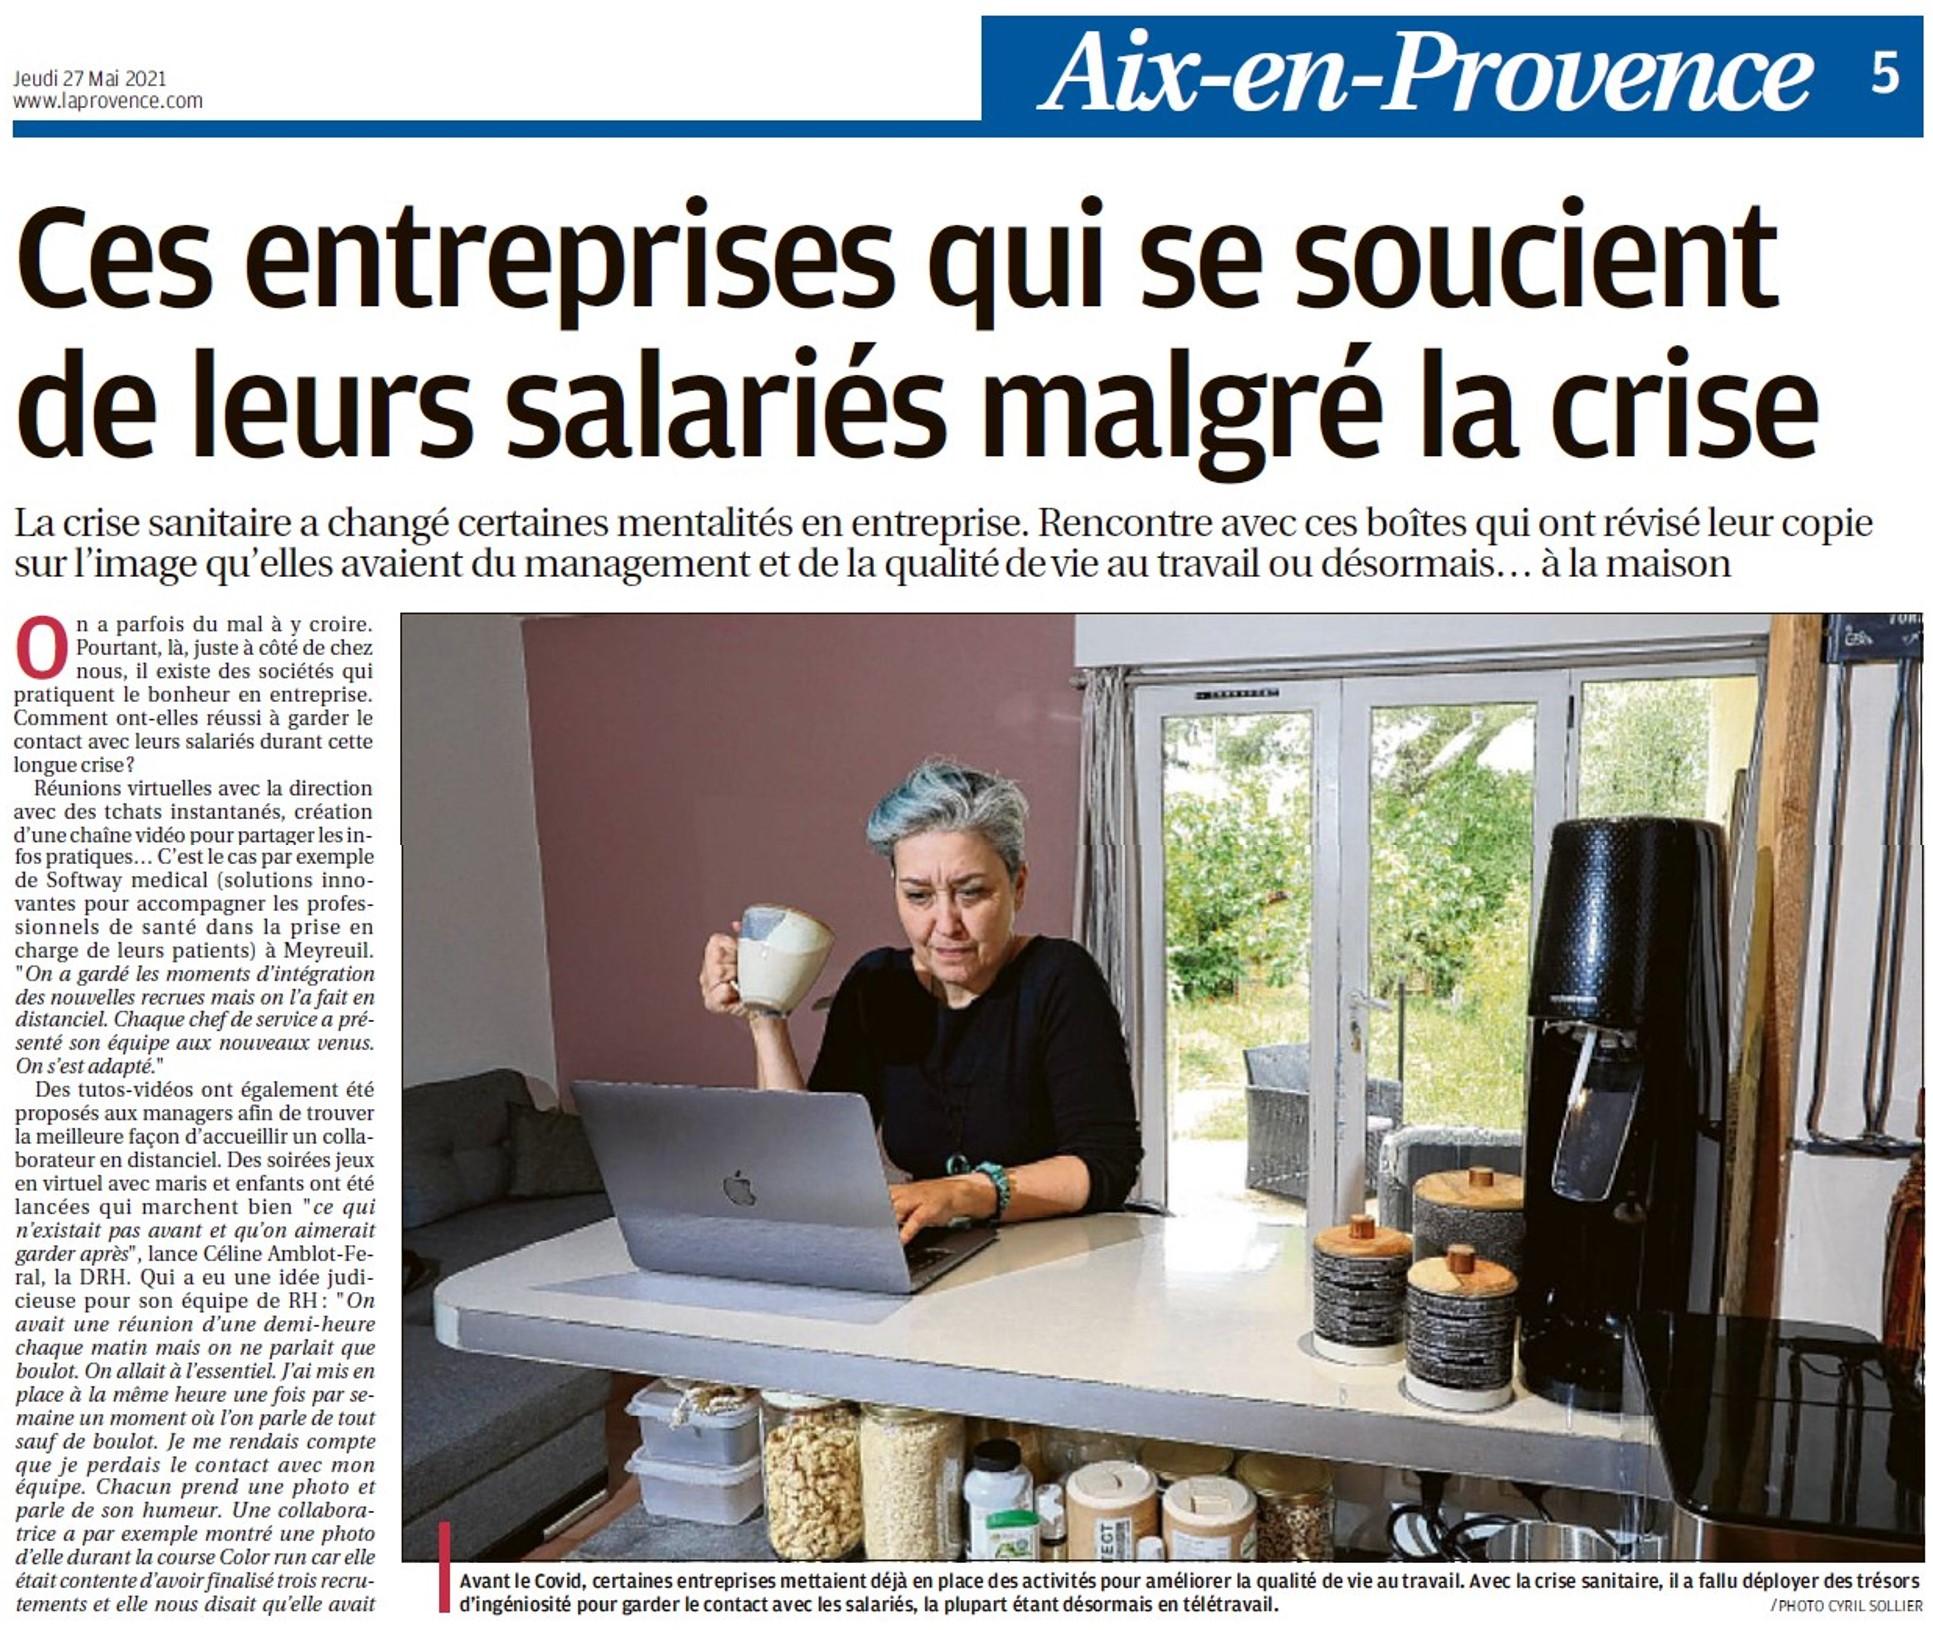 La Provence s'intéresse à ces entreprises qui se soucient de leurs salariés pendant la crise.